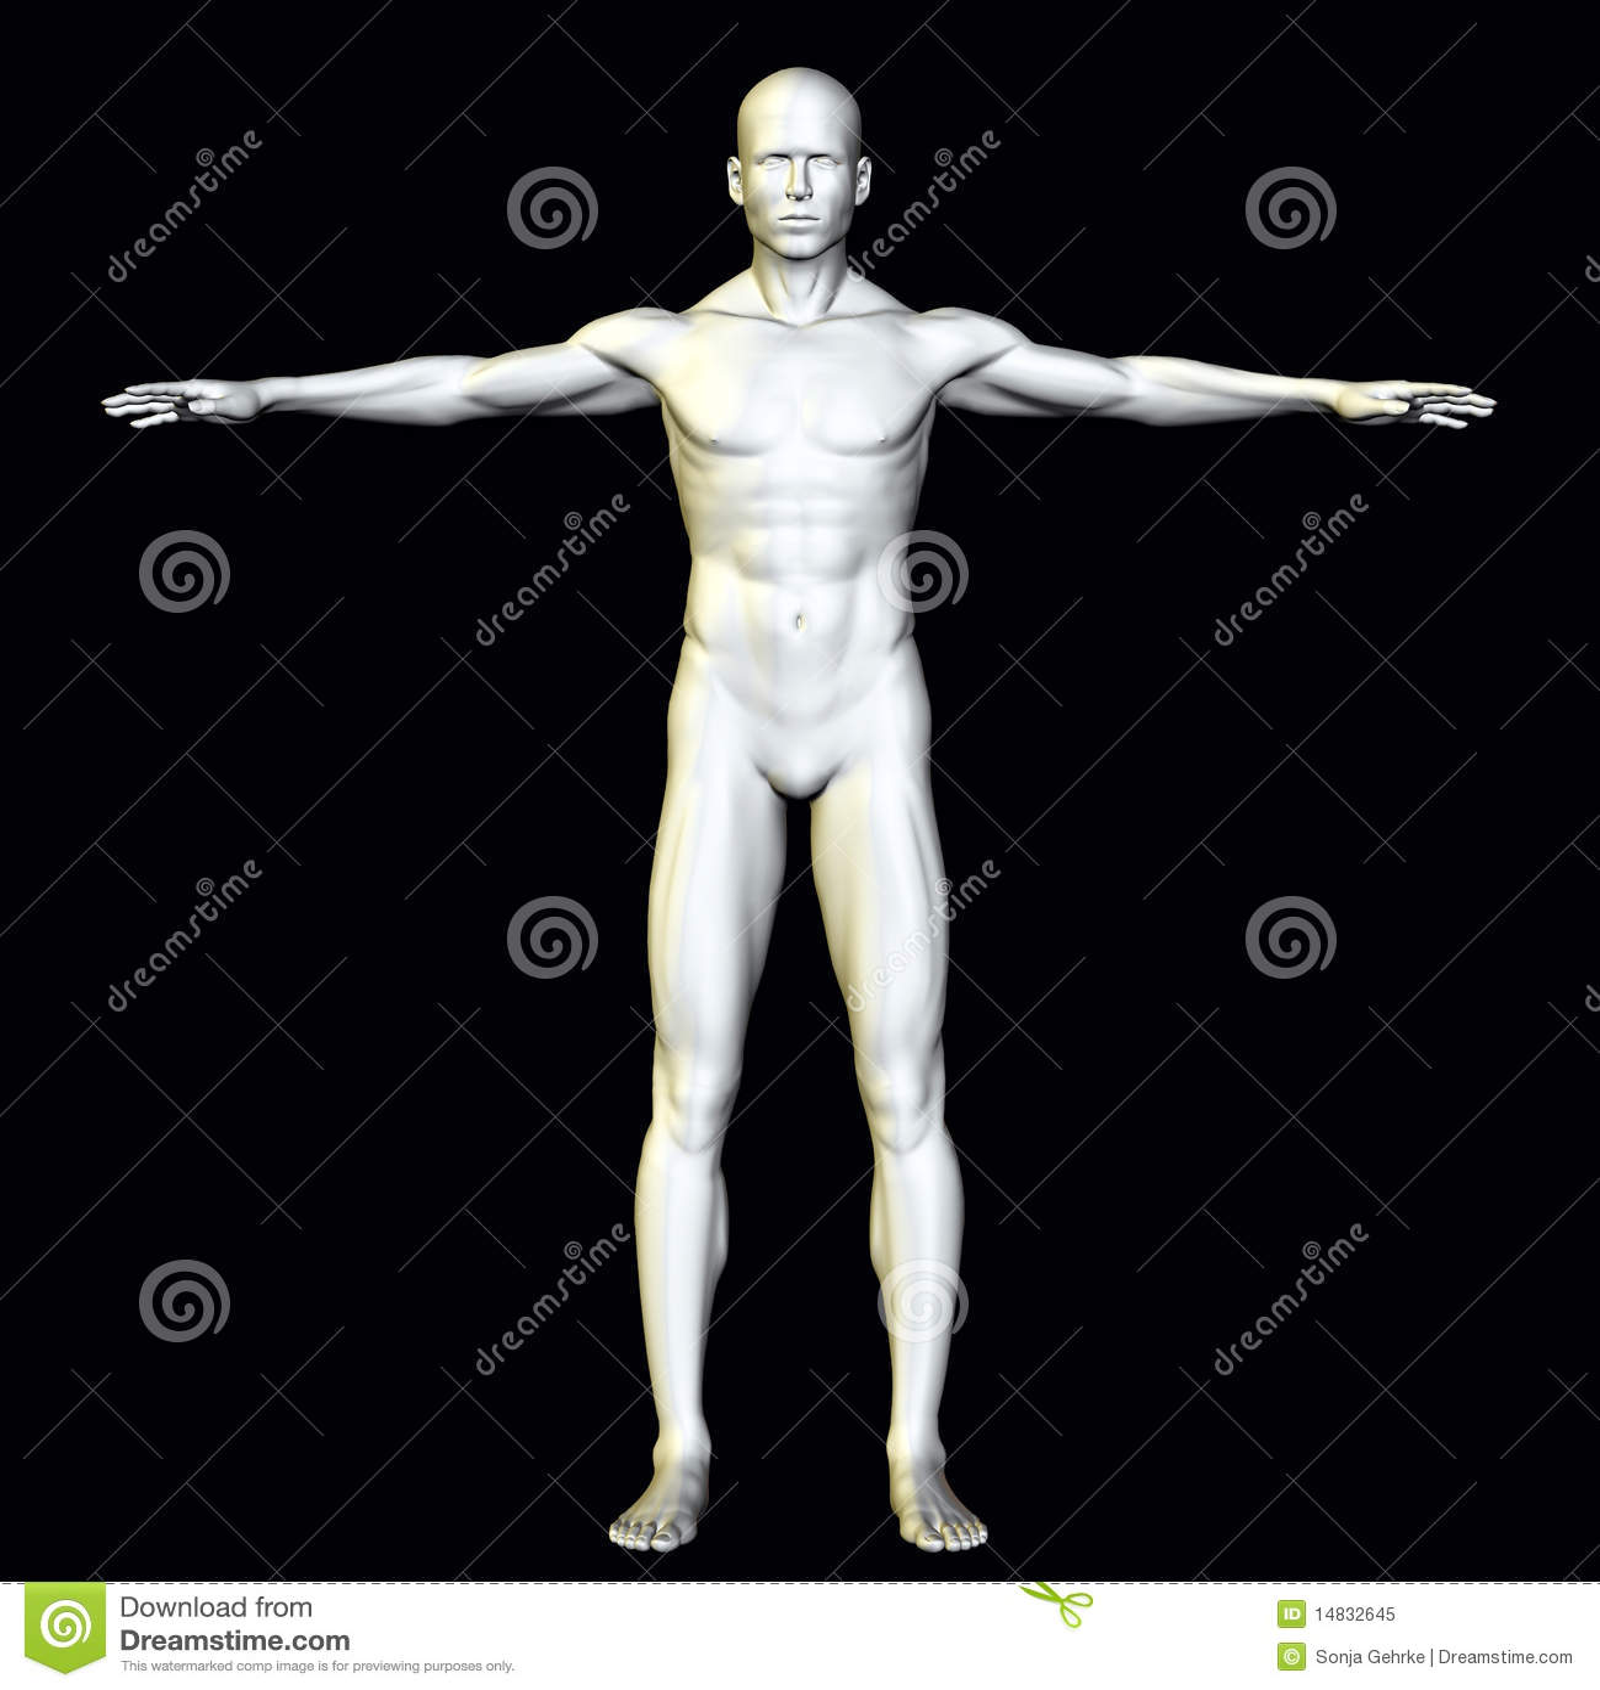 Anatomie-Mann stock abbildung. Illustration von kunst - 14832645